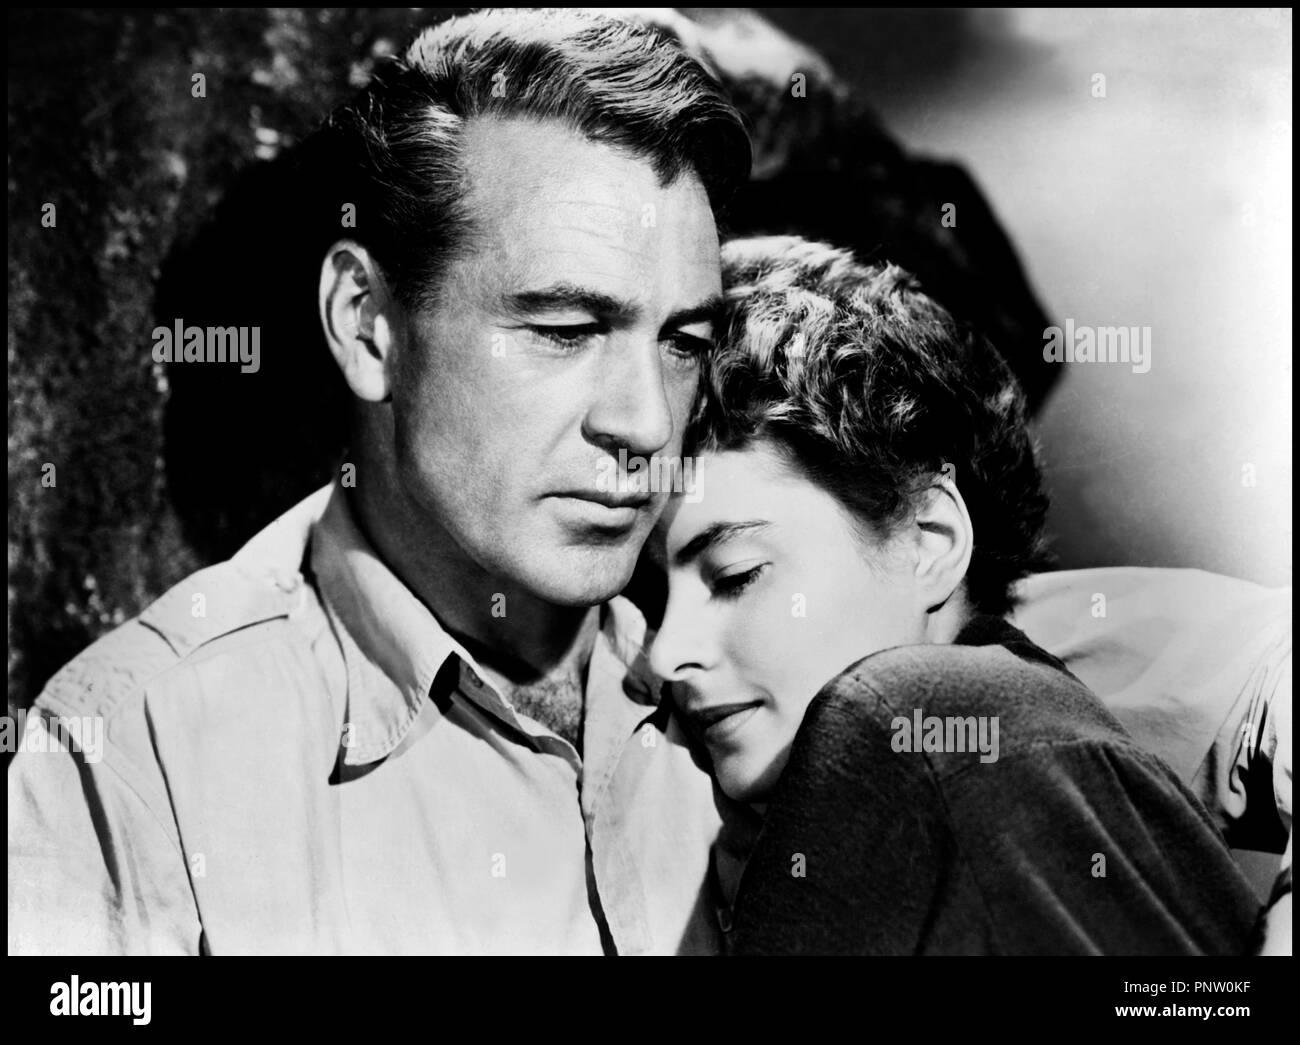 Prod DB © Paramount Pictures / DR POUR QUI SONNE LE GLAS (FOR WHOM THE BELL TOLLS) de Sam Wood 1942 USA avec Gary Cooper et Ingrid Bergman couple, passion, tendresse d'apres le roman de Ernest Hemingway - Stock Image